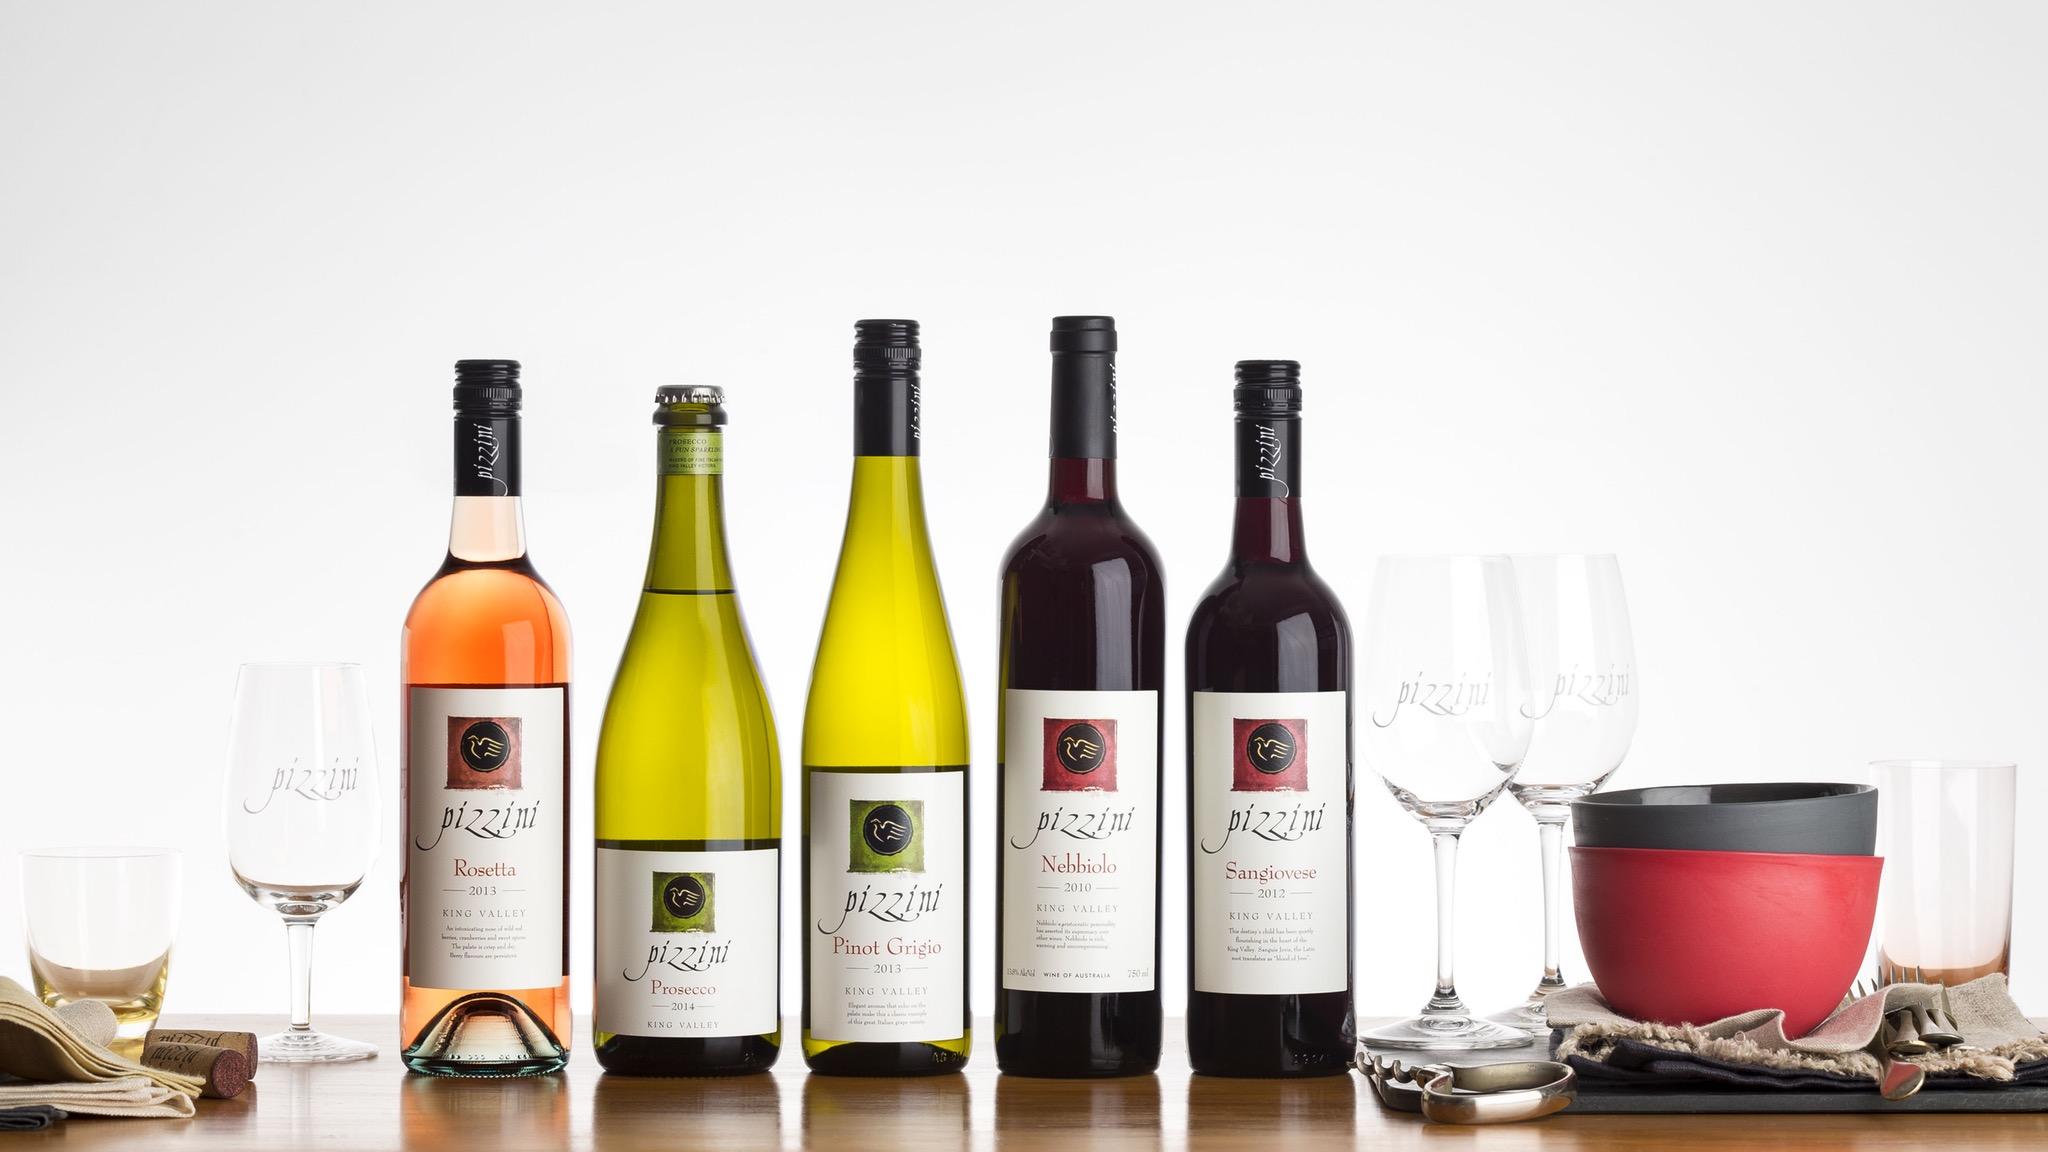 Pizzini Wines, Pizzini bottles